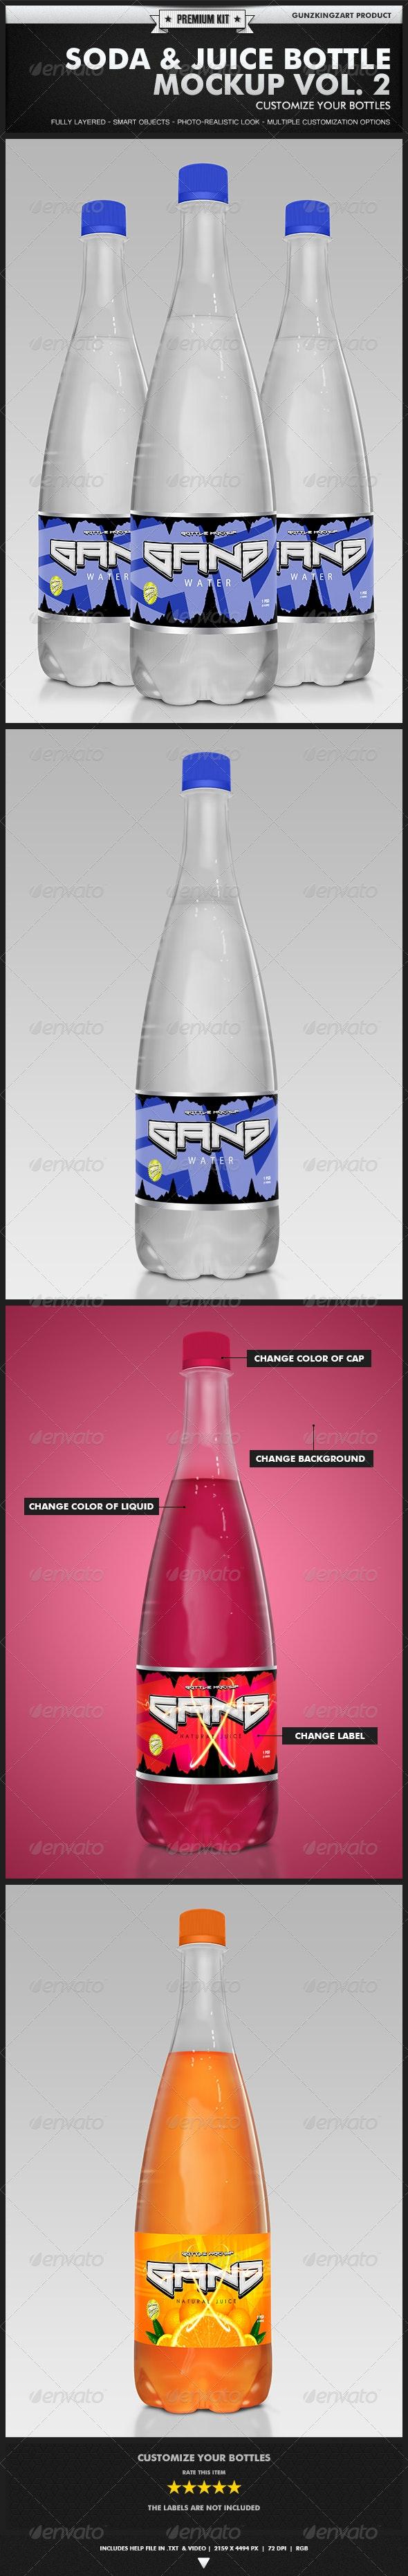 Soda & Juice Bottle Mockup Vol. 2 - Premium Kit - Food and Drink Packaging